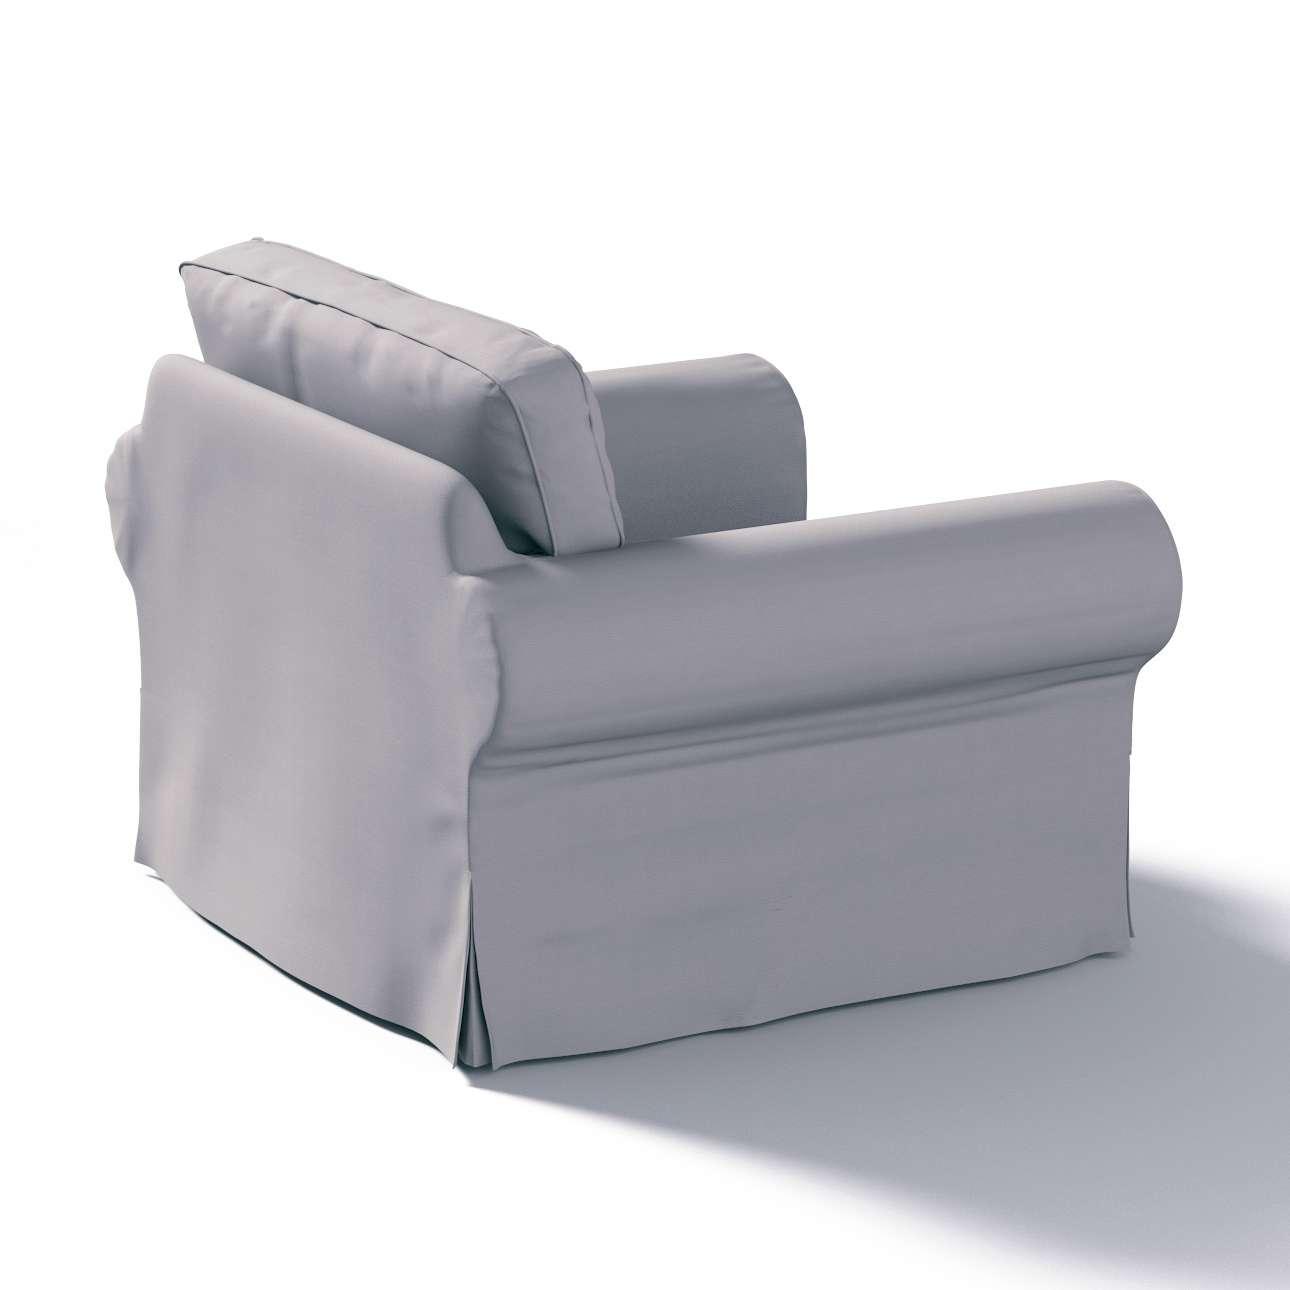 Pokrowiec na fotel Ektorp Fotel Ektorp w kolekcji Cotton Panama, tkanina: 702-07